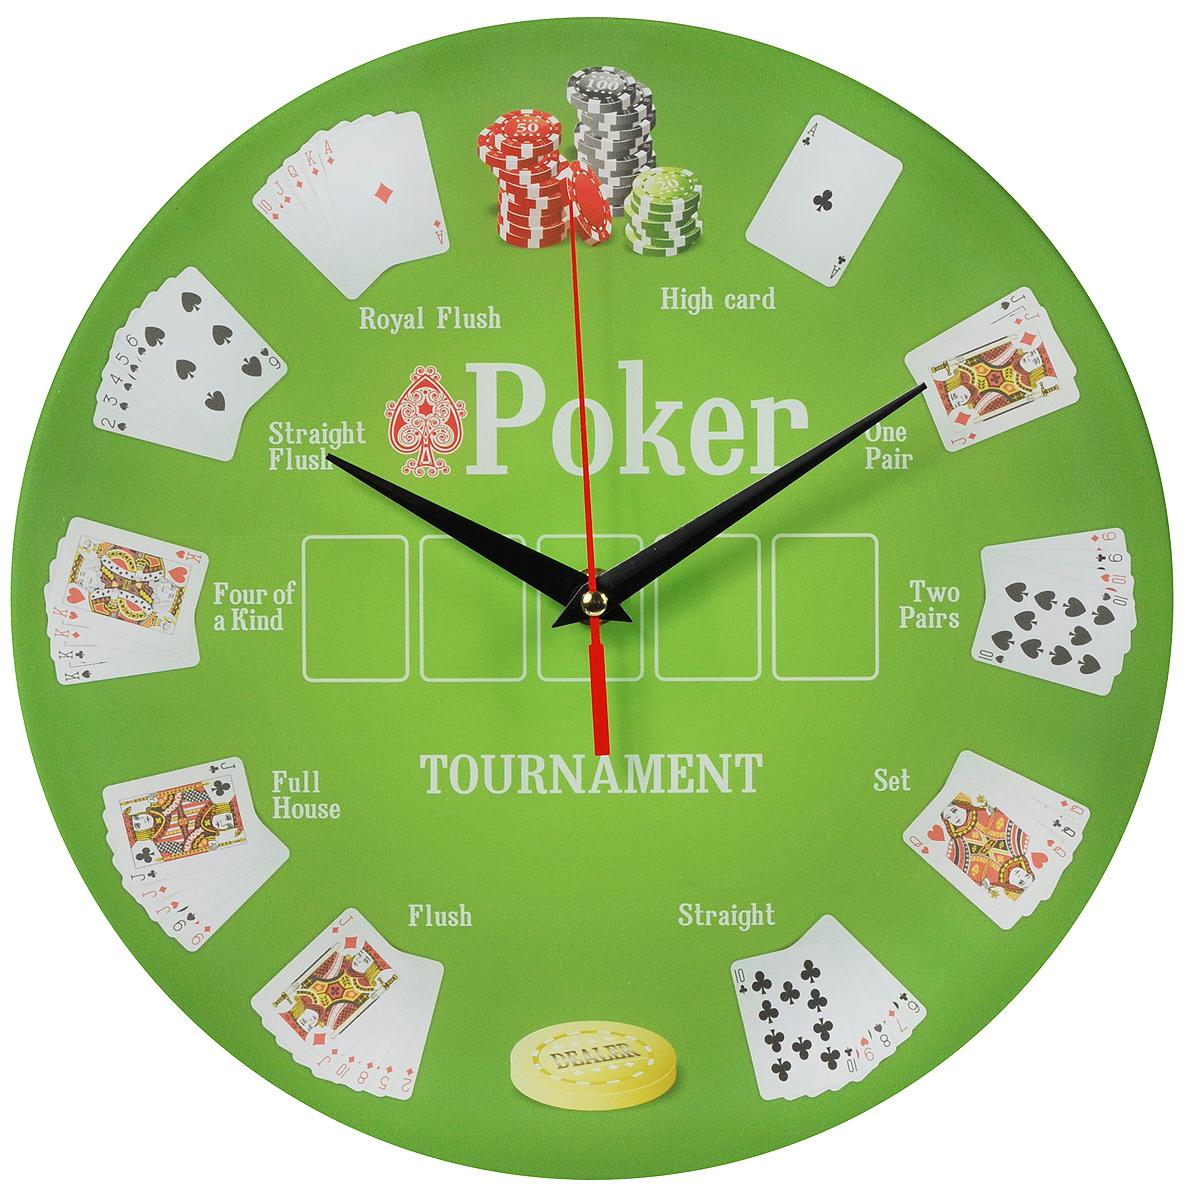 Часы настенные Покер, стеклянные. 9601496014Оригинальные настенные часы Покер круглой формы выполнены из стекла и оформлены изображением покерного стола. Часы имеют три стрелки - часовую, минутную и секундную. Циферблат часов не защищен. Необычное дизайнерское решение и качество исполнения придутся по вкусу каждому. Оформите свой дом таким интерьерным аксессуаром или преподнесите его в качестве презента друзьям, и они оценят ваш оригинальный вкус и неординарность подарка.